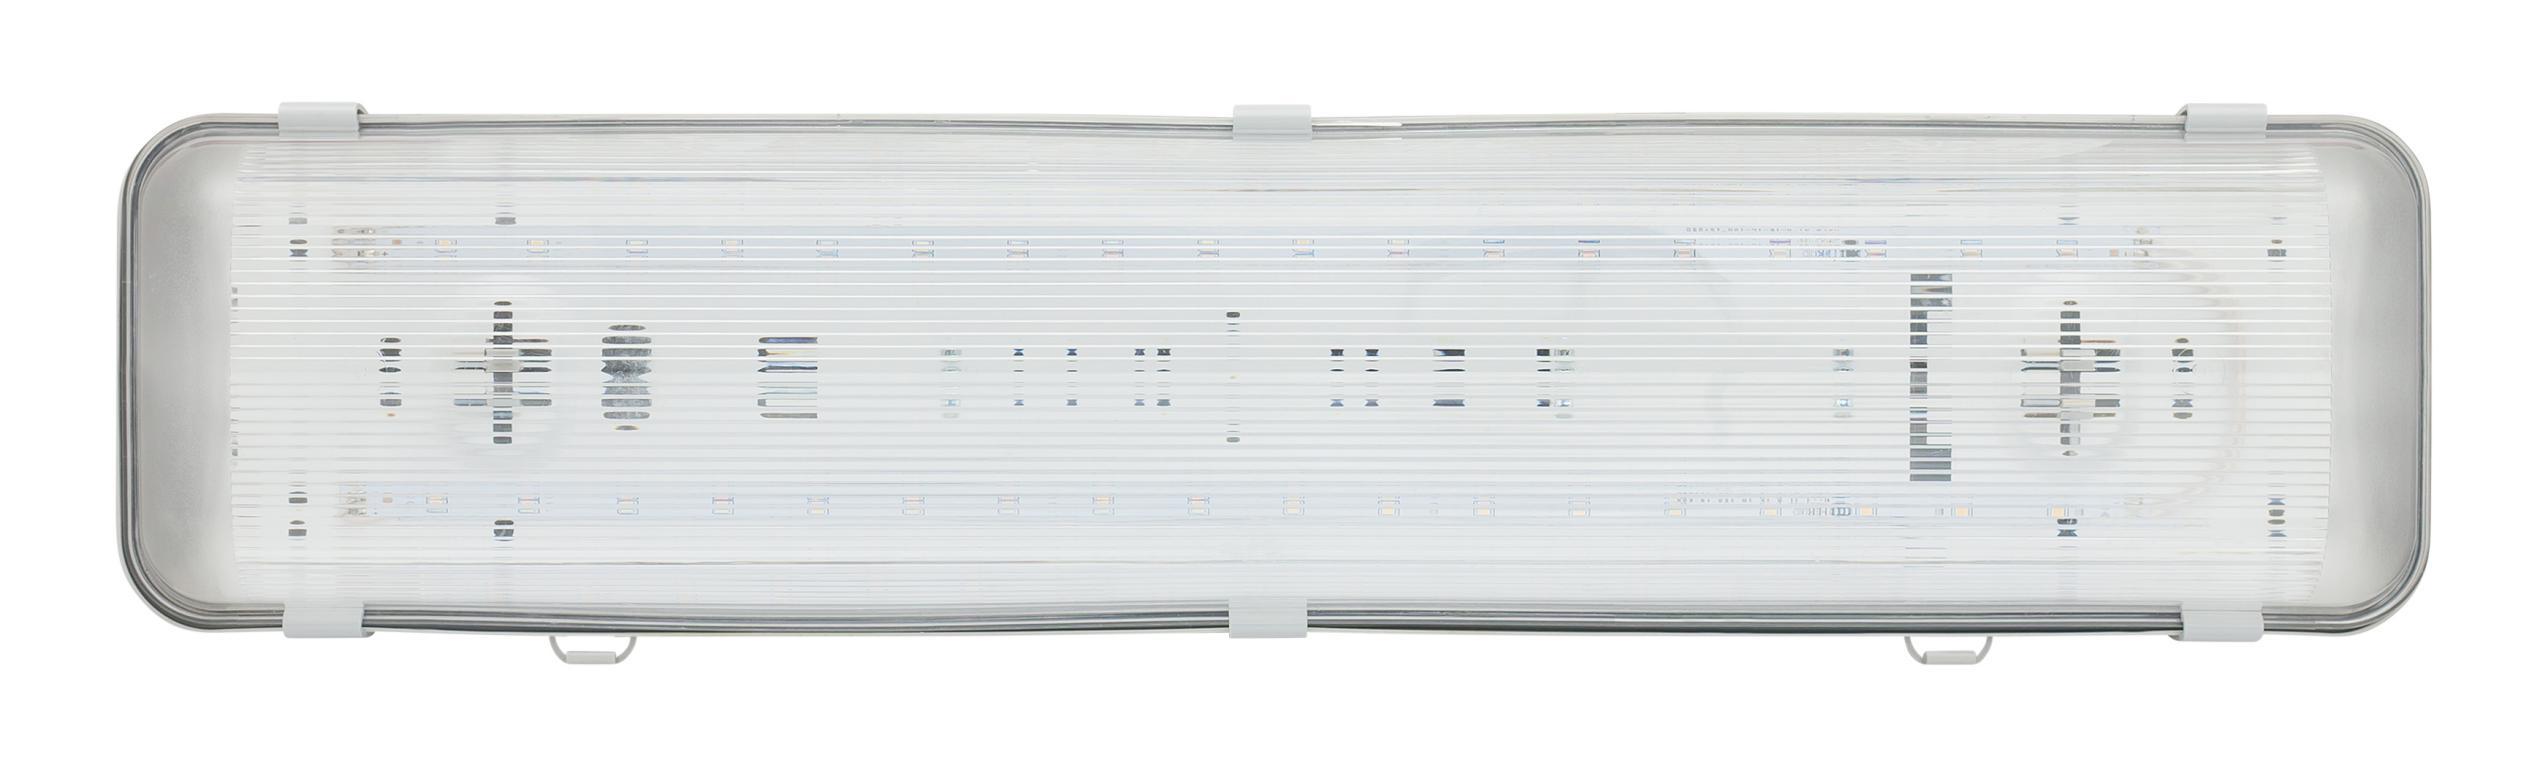 Светодиодный фито светильник LedNik ПСО 20 ip65 Bio light (680  мм)